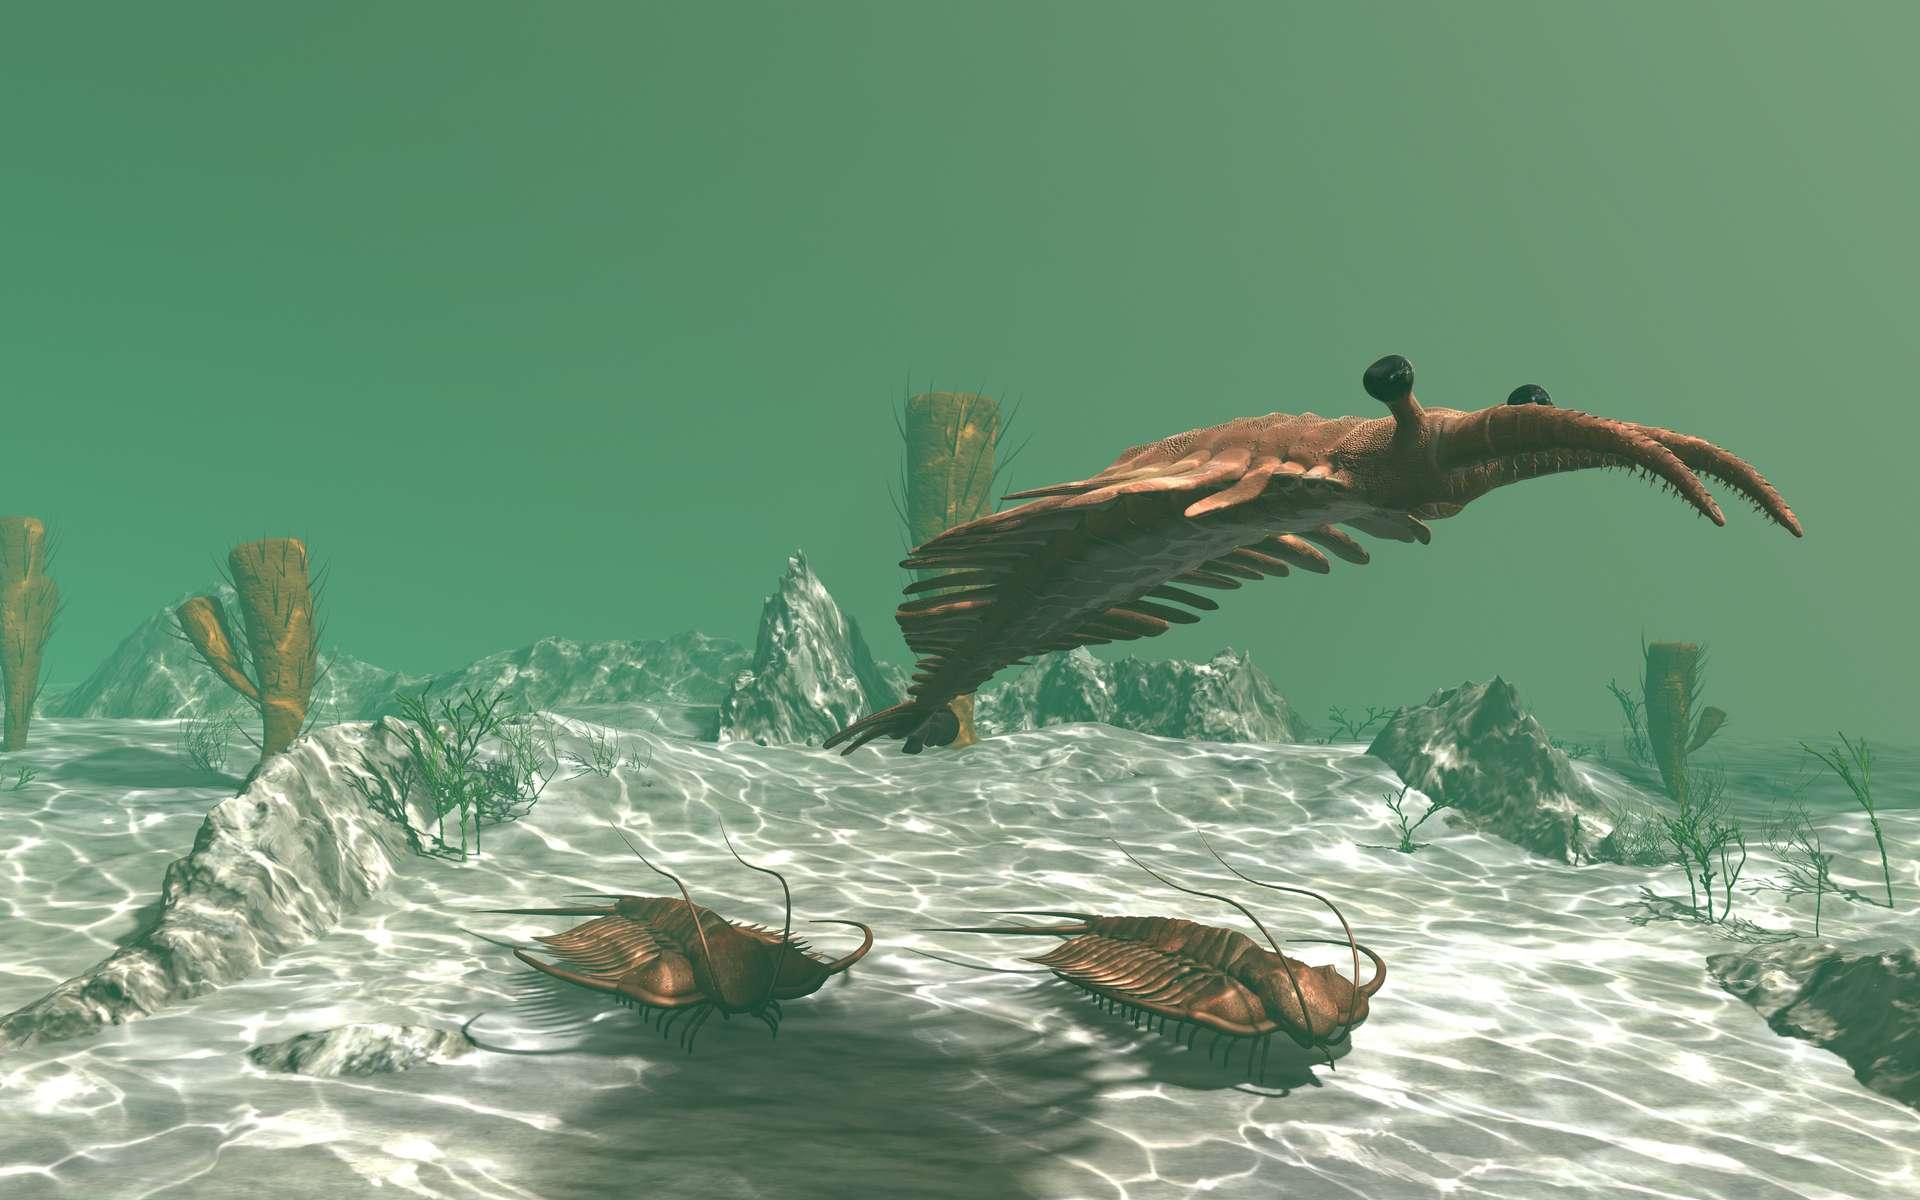 Anomalocaris, ici en train de nager au-dessus de trilobites, fait partie des radiodontes, un groupe qui inclut les premiers super prédateurs connus. © anibal, Adobe Stock